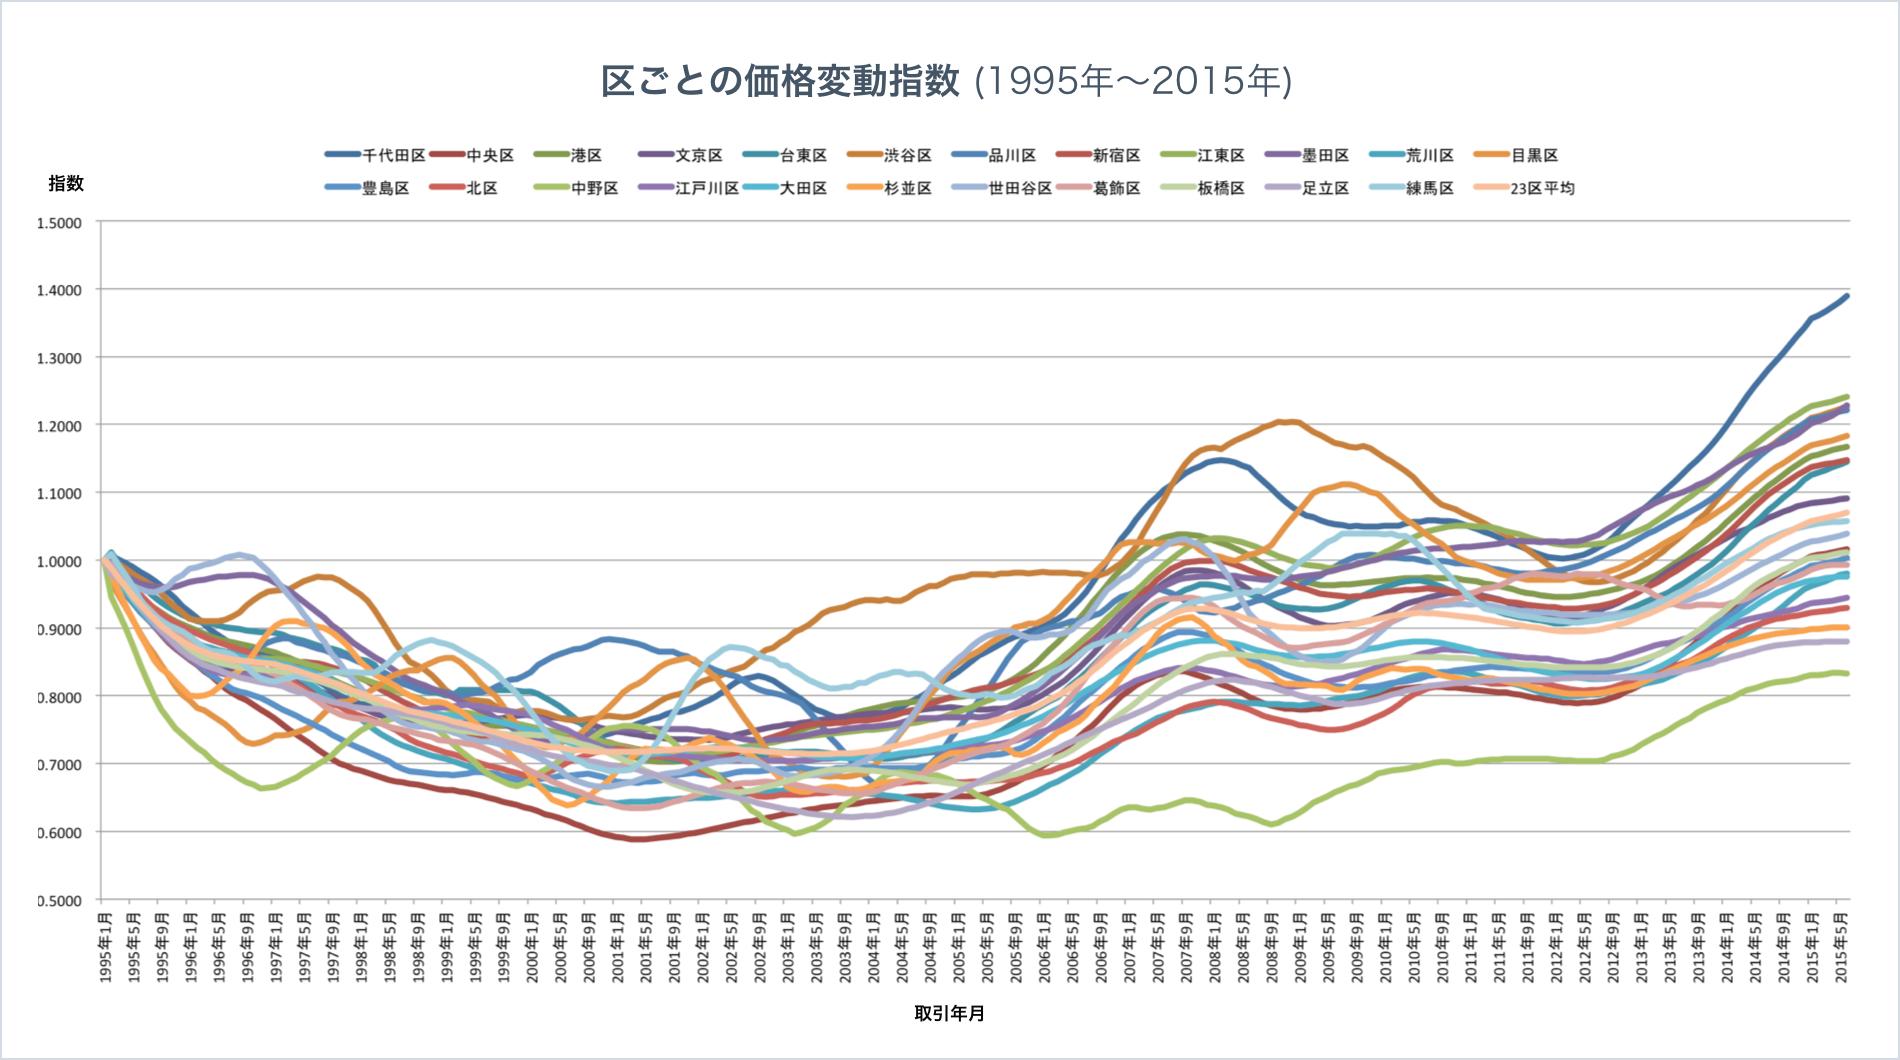 区ごとの価格変動指数(1995年〜2015年)